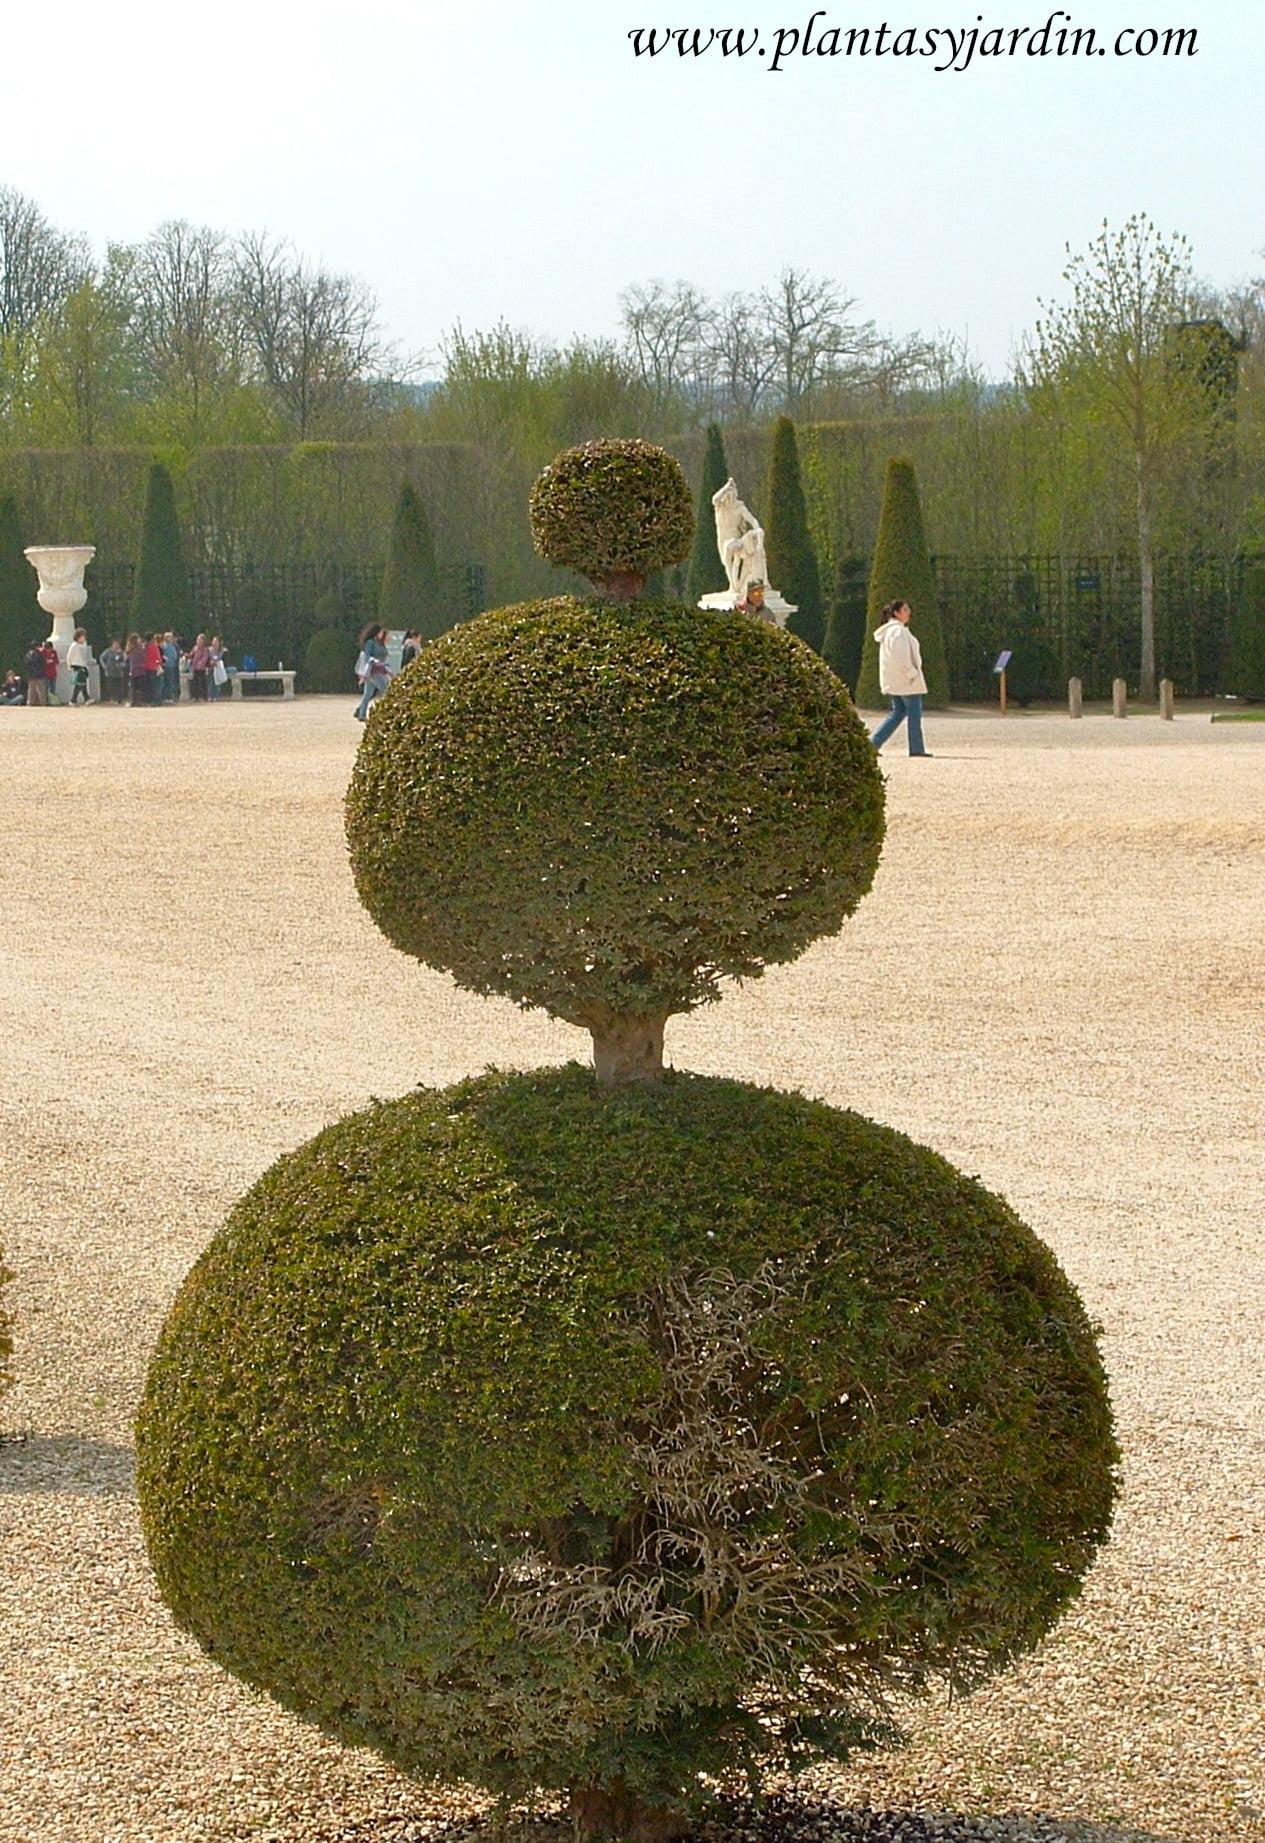 arte topiario plantas jard n